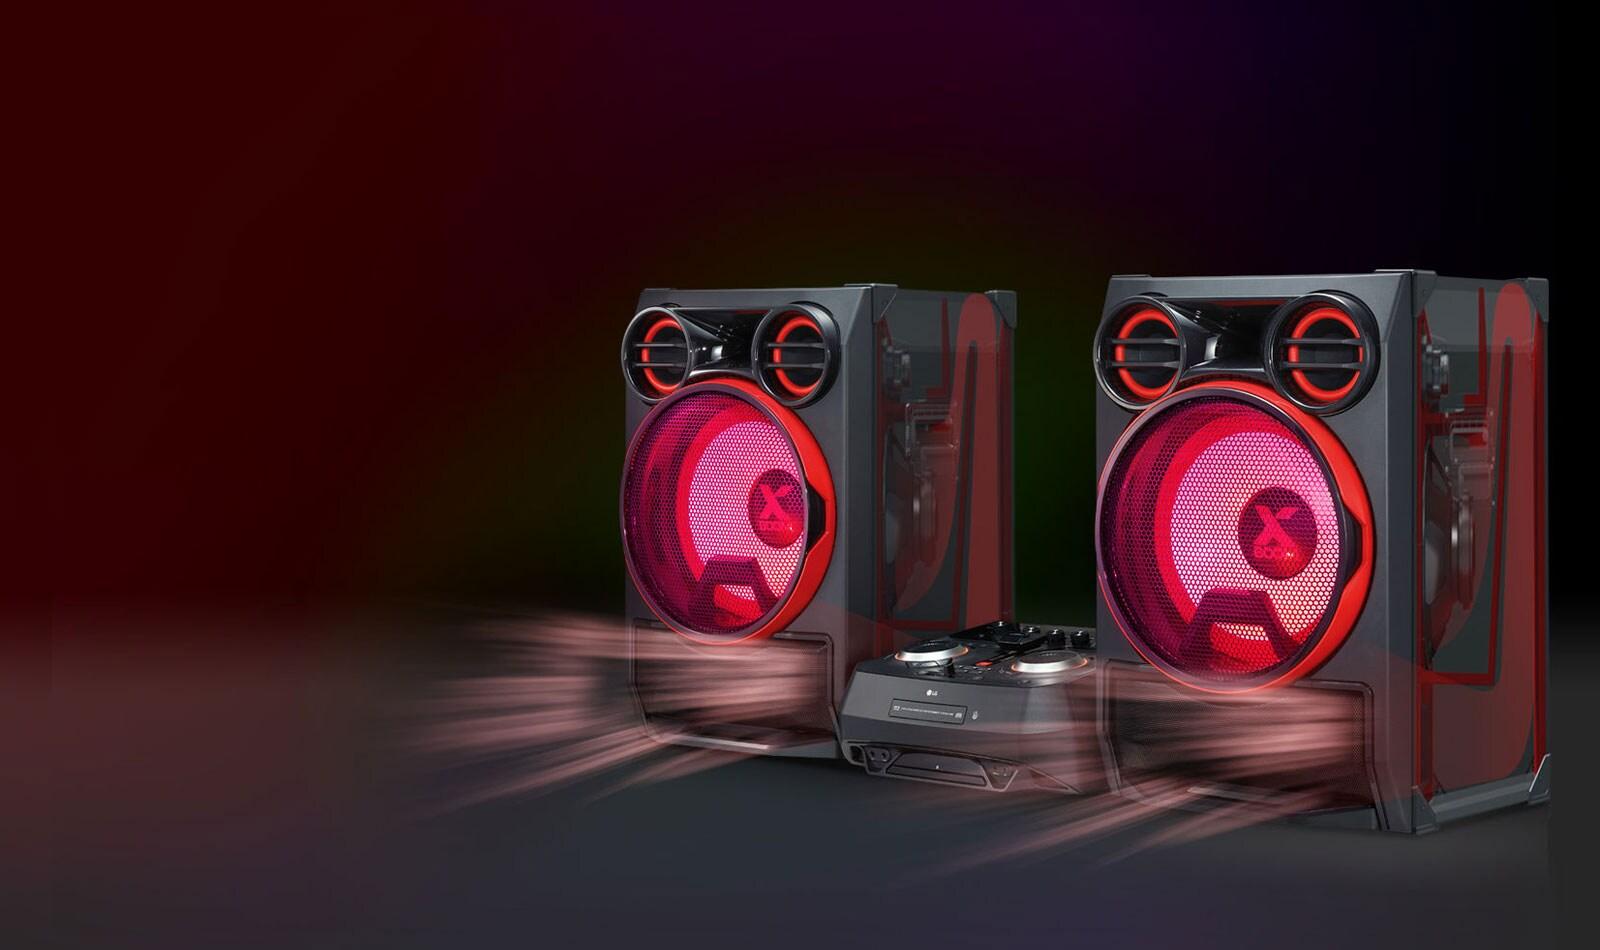 02_CK99_Hear_The_Beat_Feel_it_Desktop_2